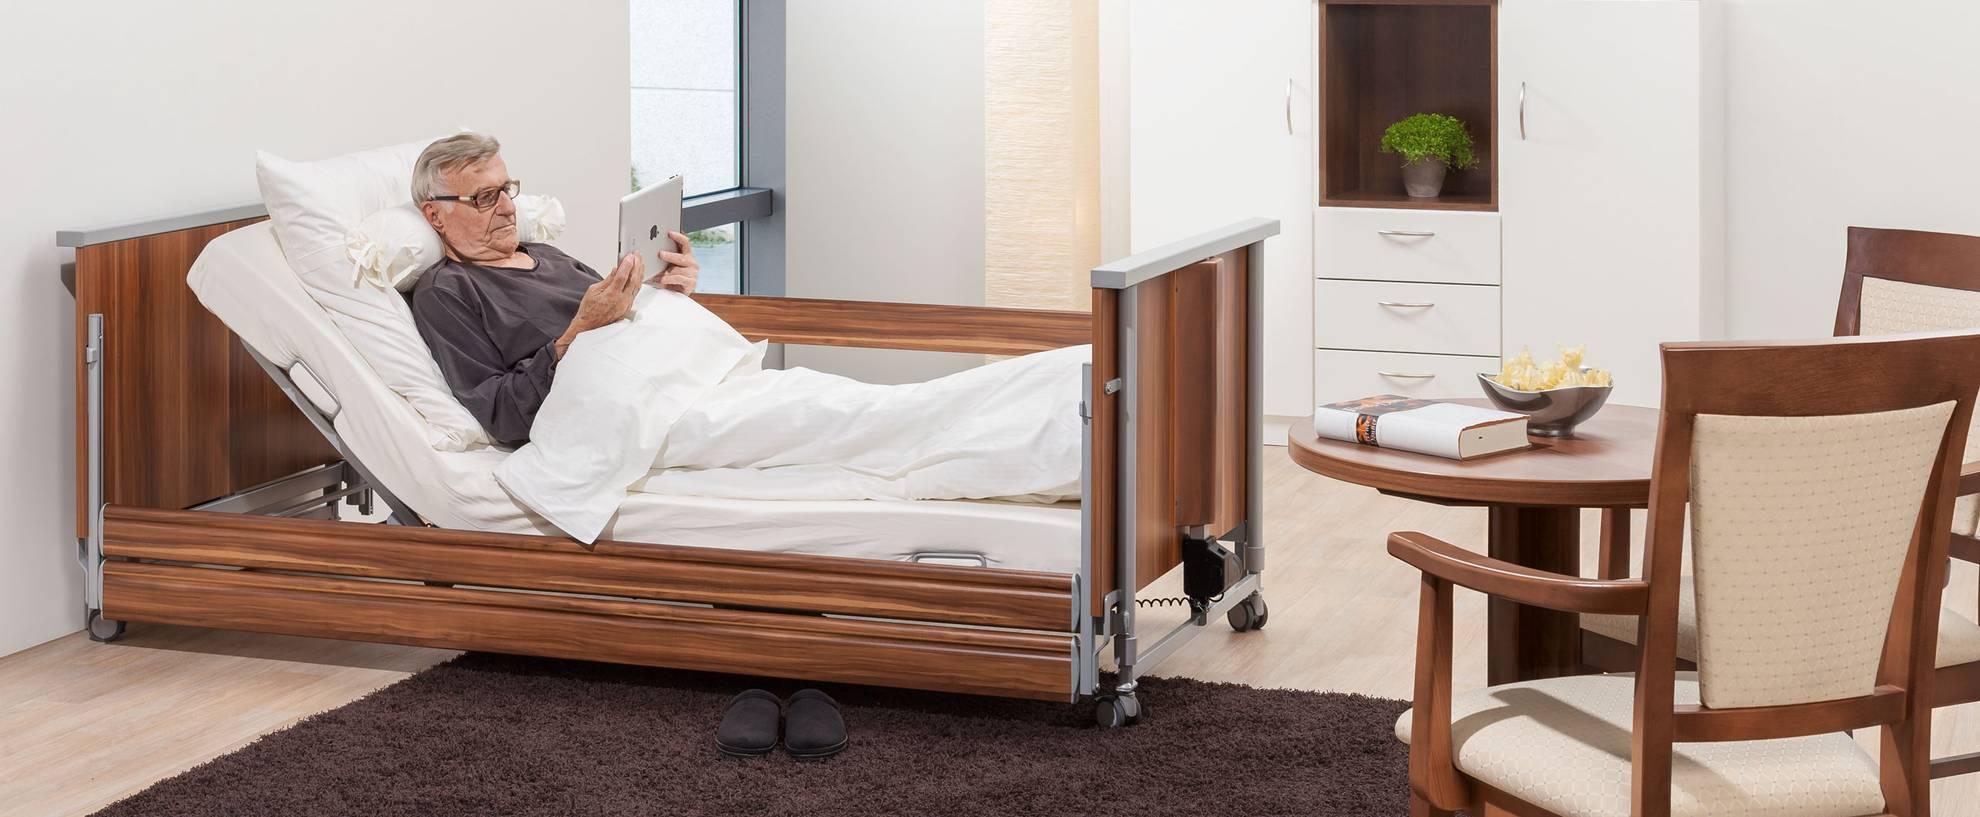 Full Size of Niedrigbett Pflegebett Fr Zuhause Domifleniedrig Classic Bett Hoch Designer Betten Bettwäsche Sprüche Metall Bock Einfaches Schlafzimmer Set Mit Bett Bett Niedrig